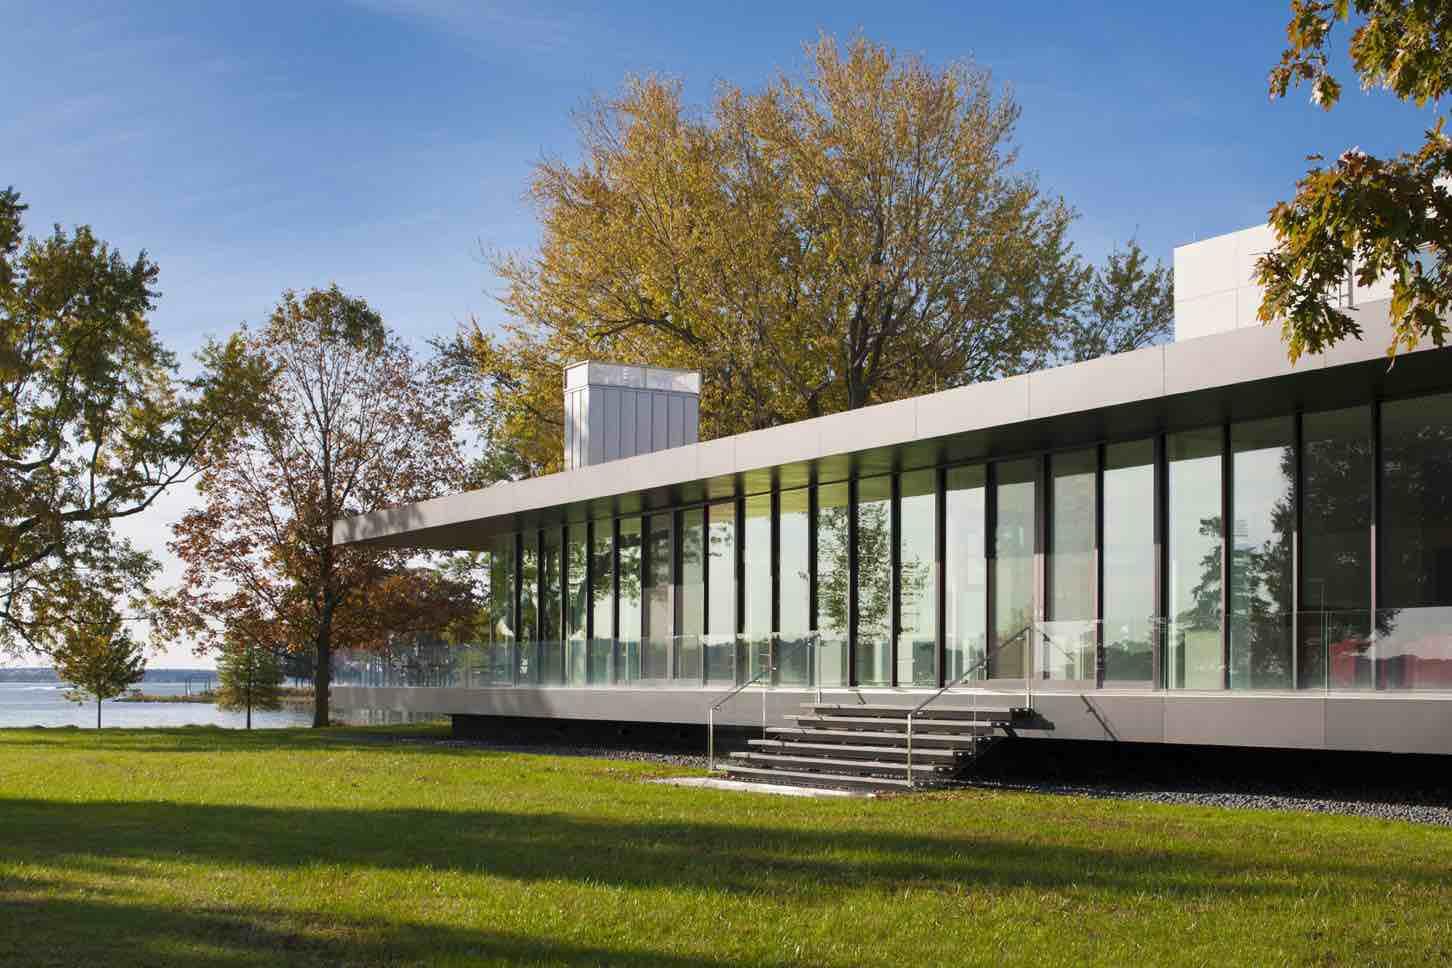 tred-avon-river-house-robert-m-gurney-architect_mackenzie-gurney-guttmanresidence-1